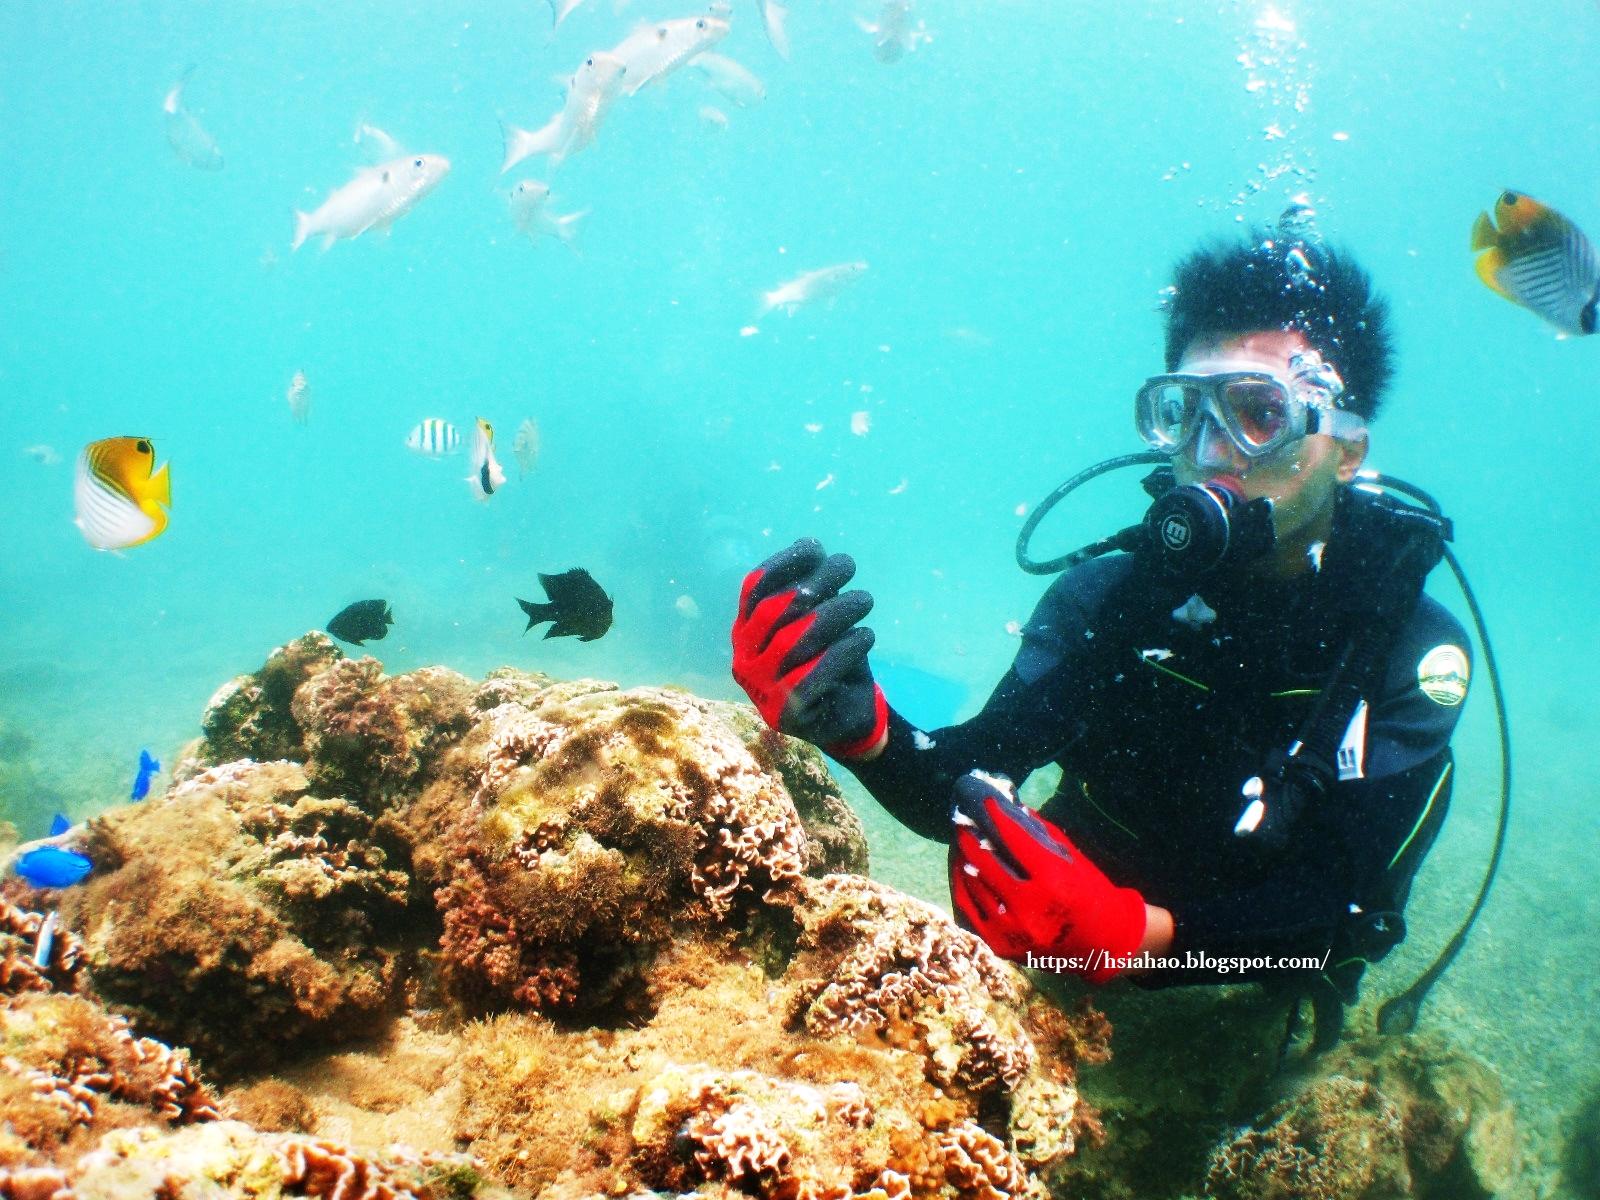 沖繩-推薦-景點-真榮田岬-青之洞窟-真榮田岬潛水-真榮田岬浮潛-青之洞窟潛水-青之洞窟浮潛-青の洞窟-自由行-旅遊-Okinawa-diving-snorkeling-maeda-cape-blue-cave